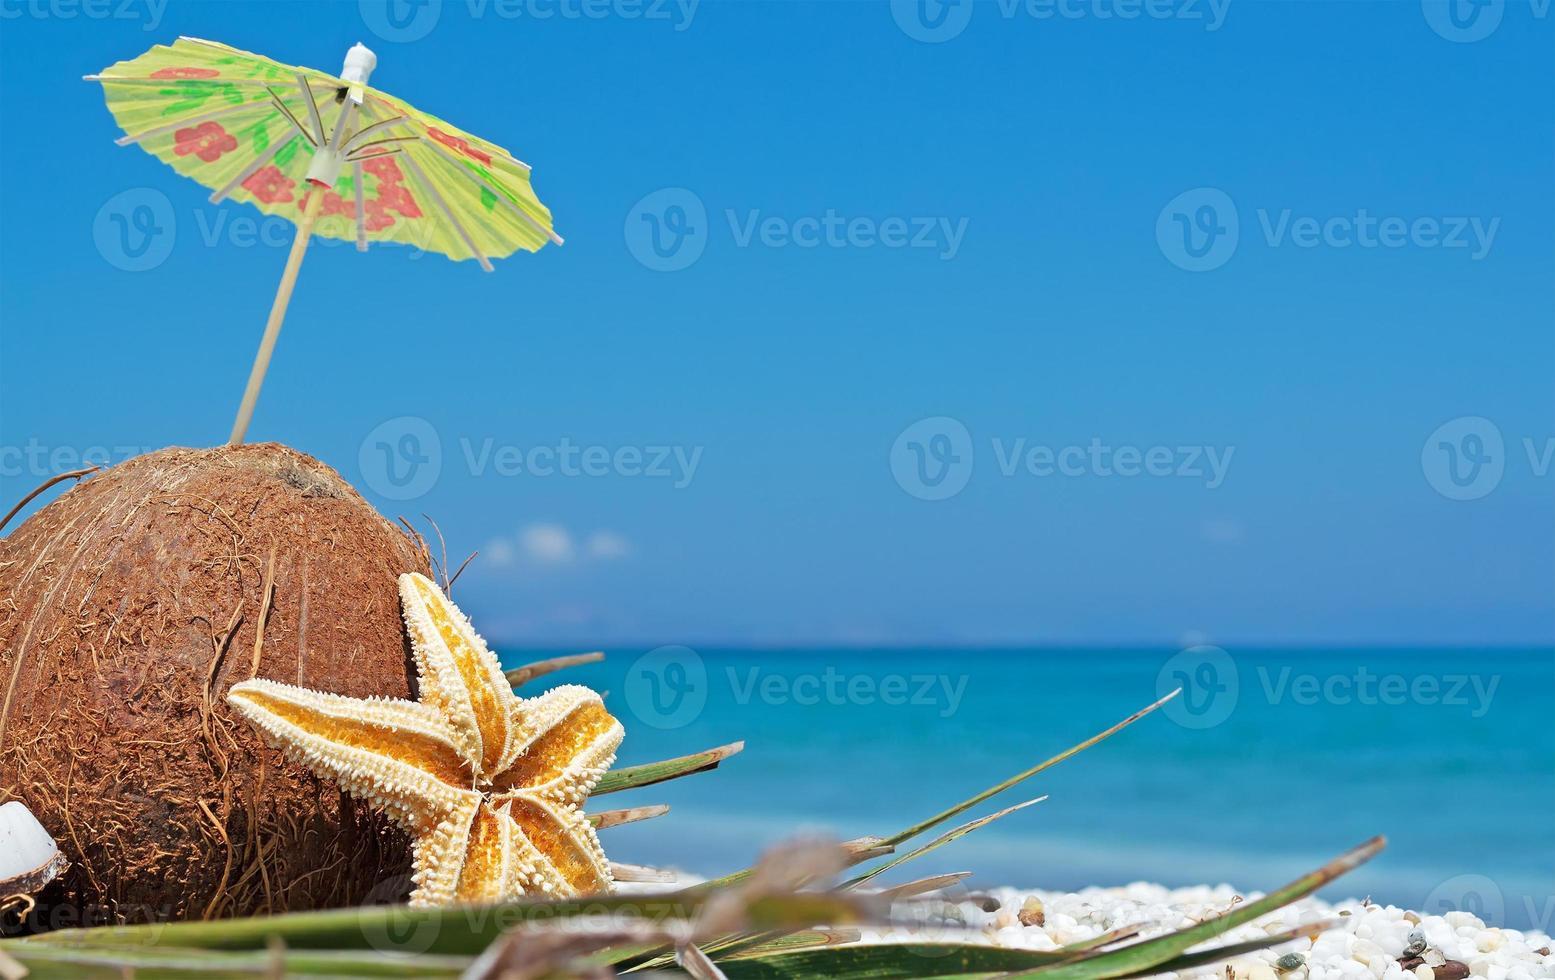 noix de coco sous parasol photo